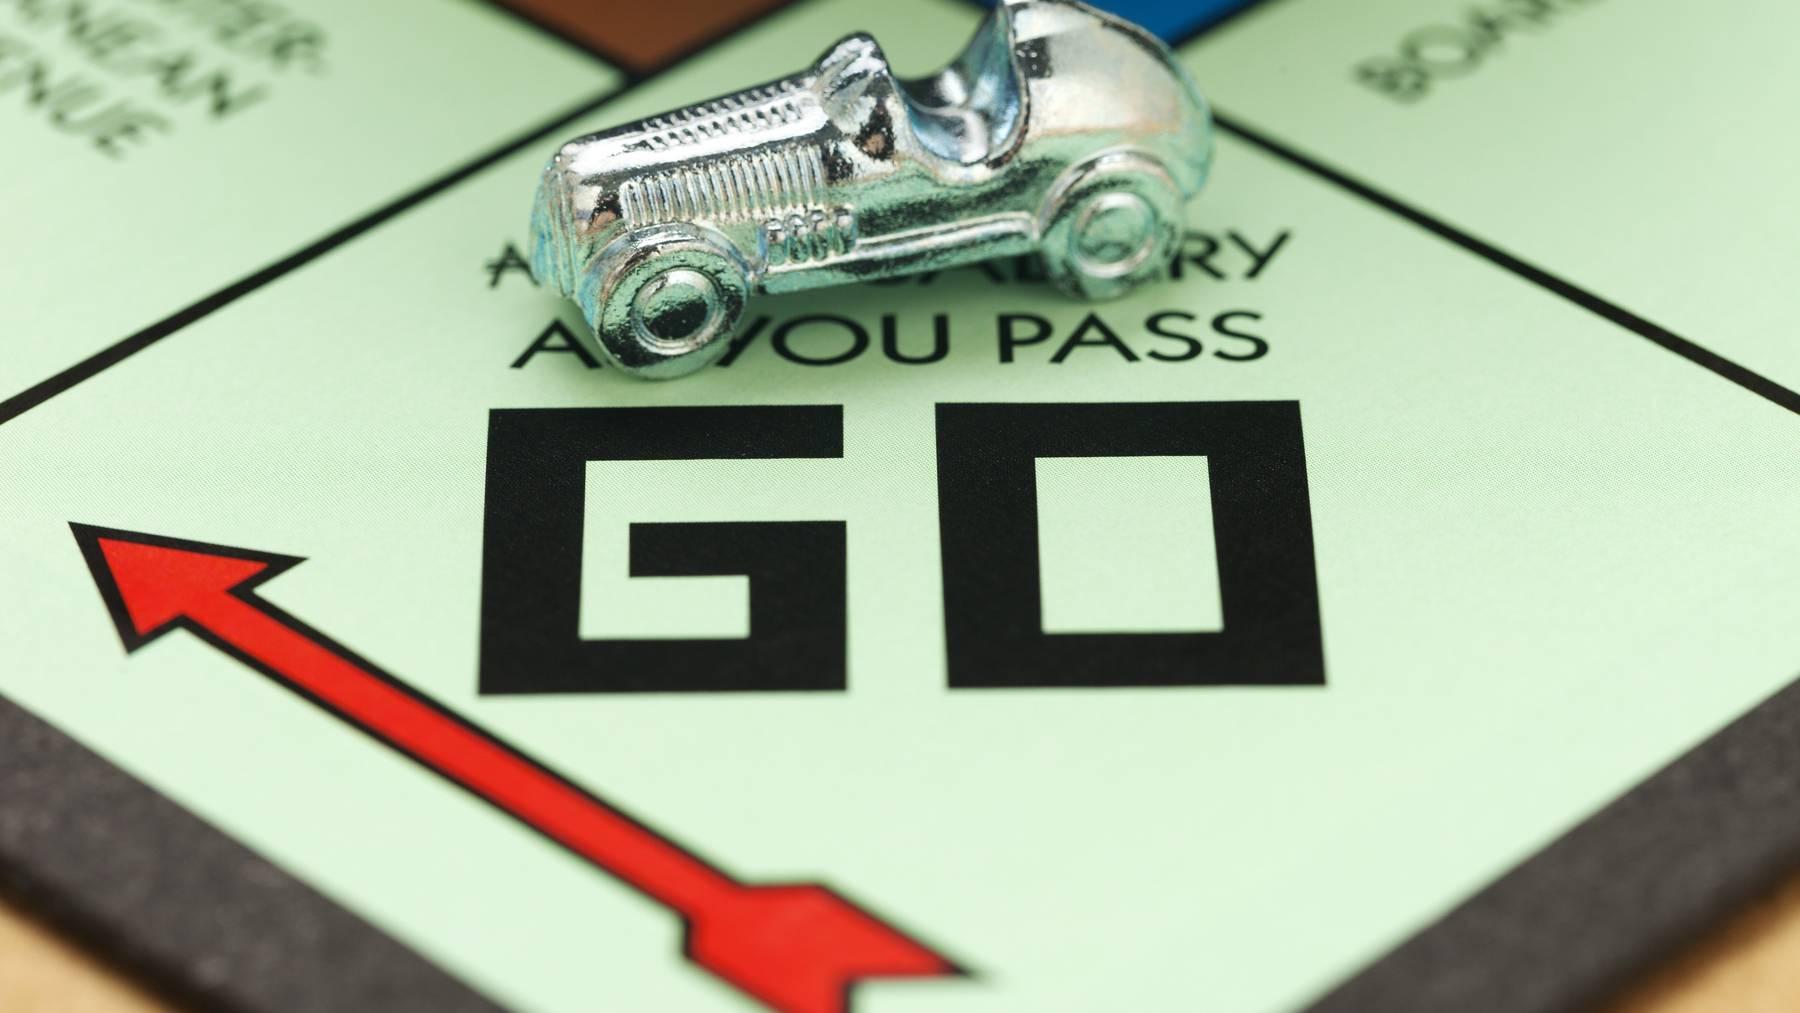 Geld sammeln nützt dich beim Millenial Monopoly nichts.